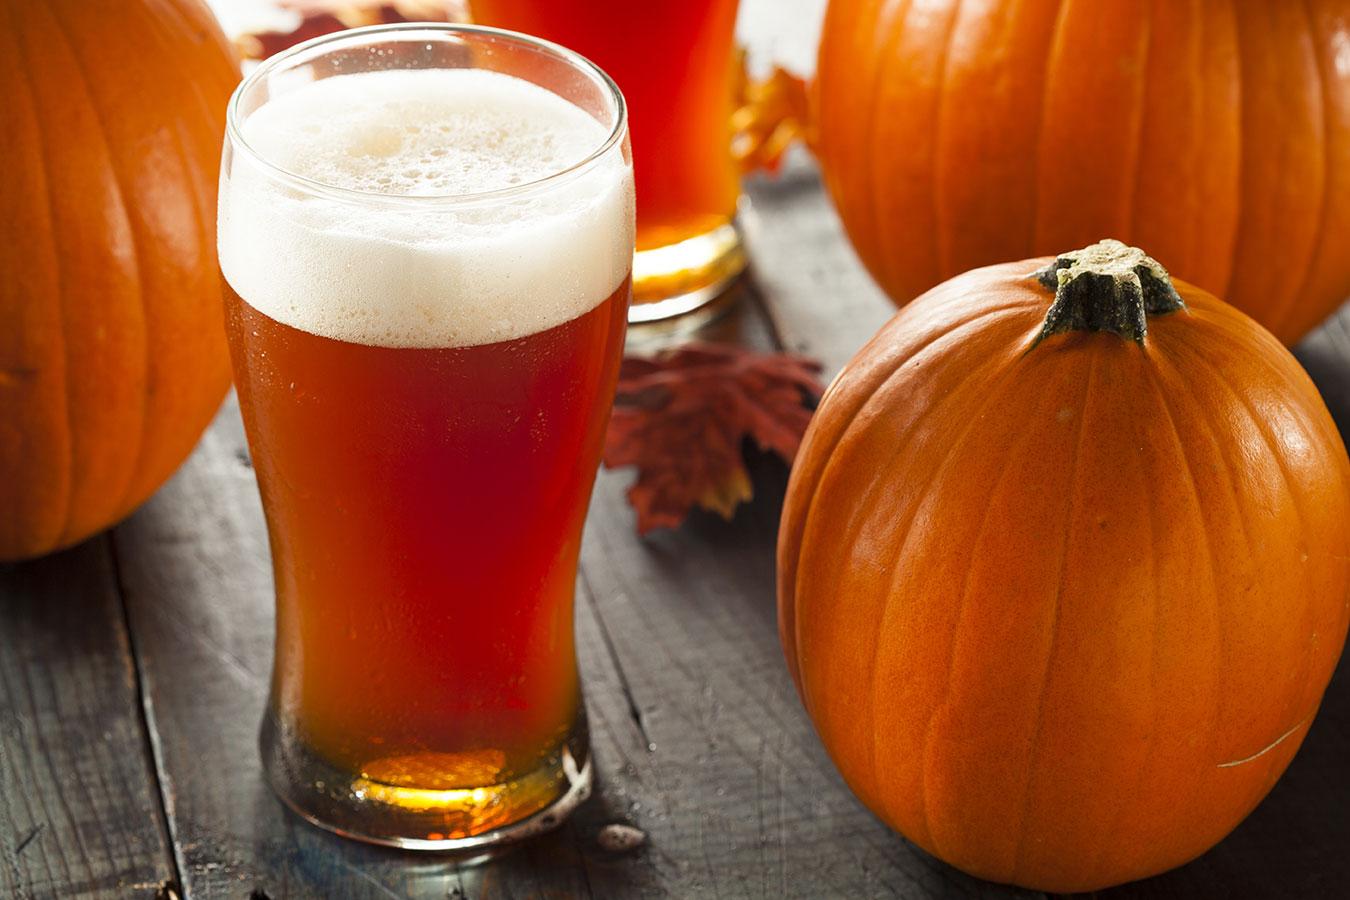 Pumpkins & Brews